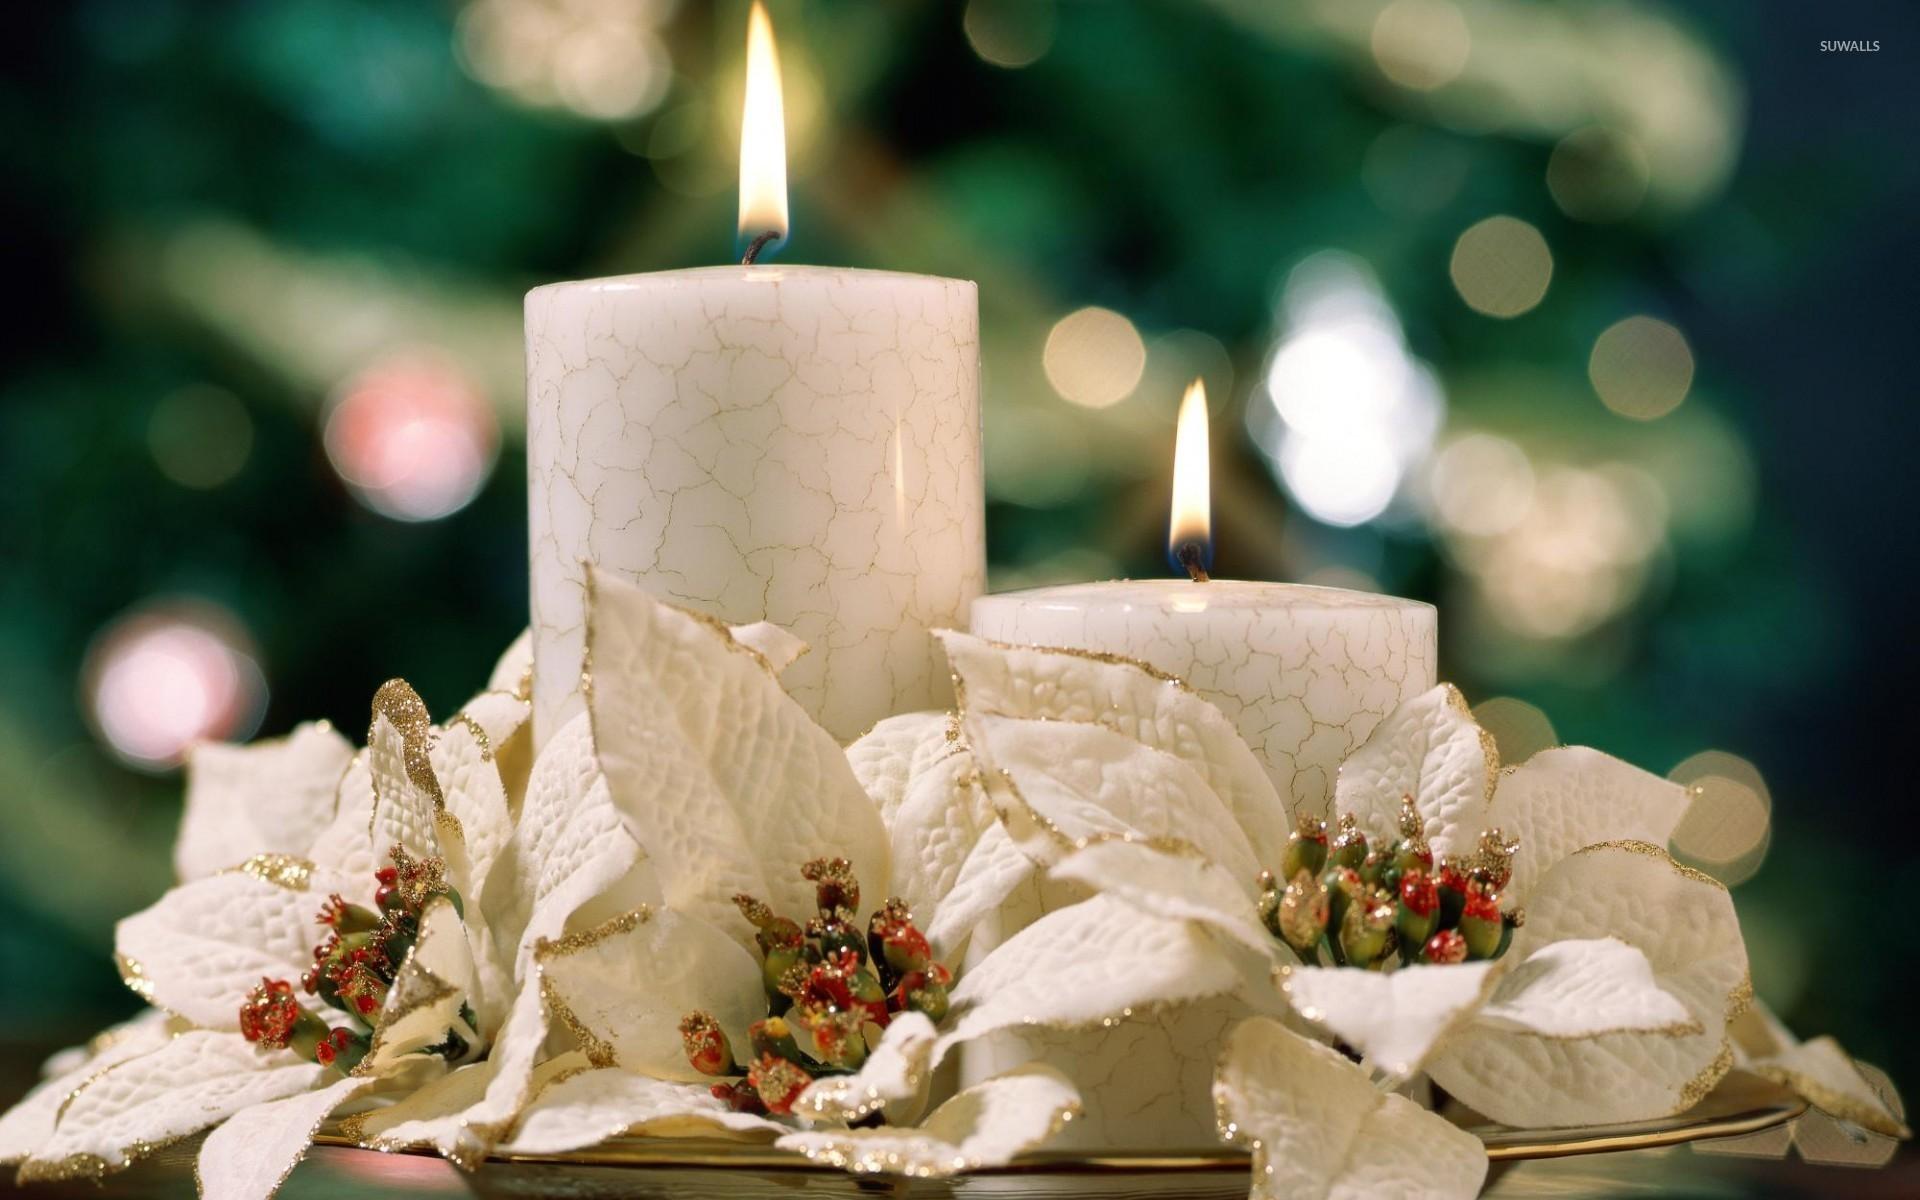 свечи candles бесплатно